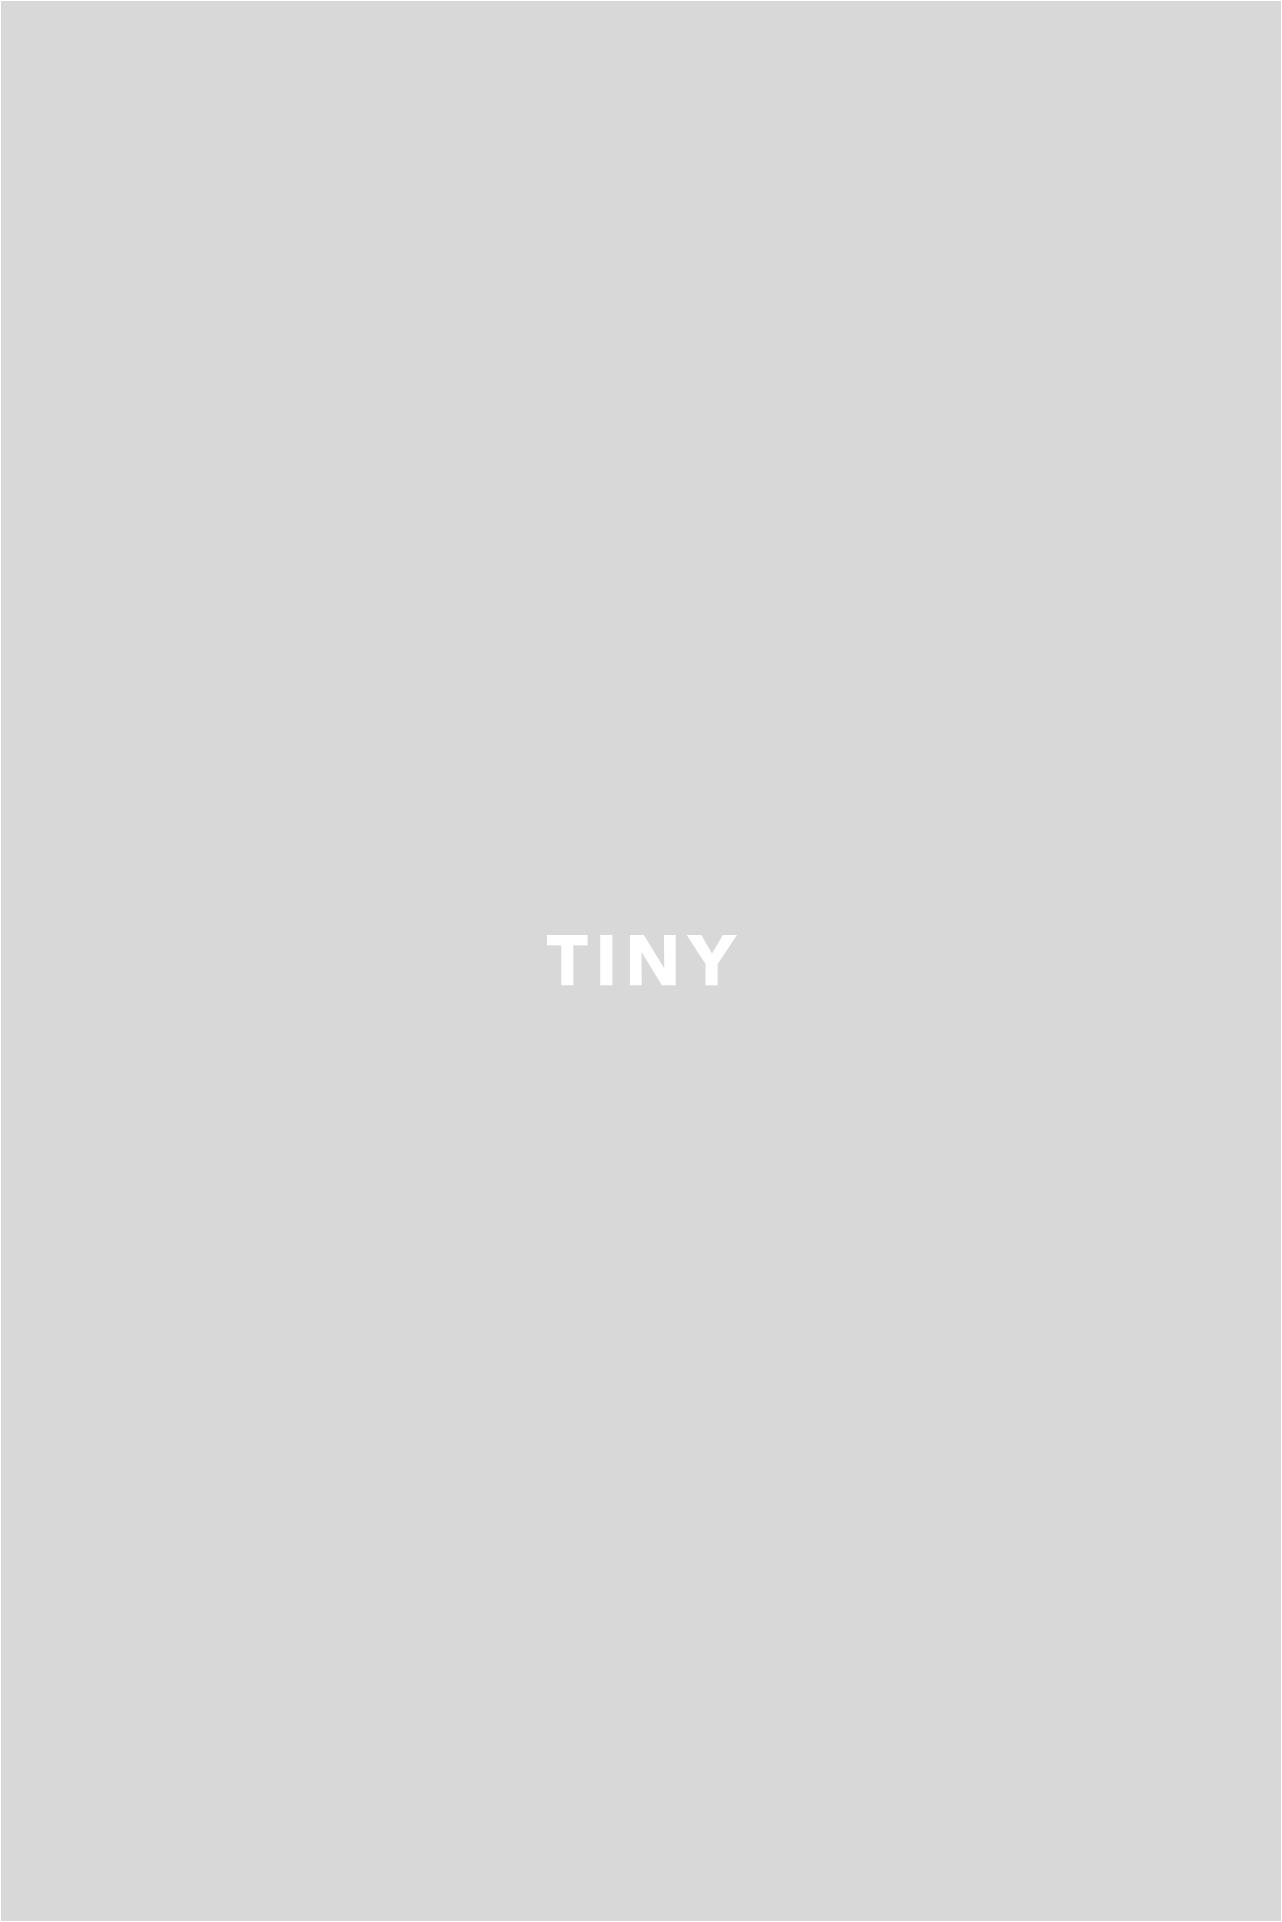 DOGGY PADDLE BABY SWEATSHIRT